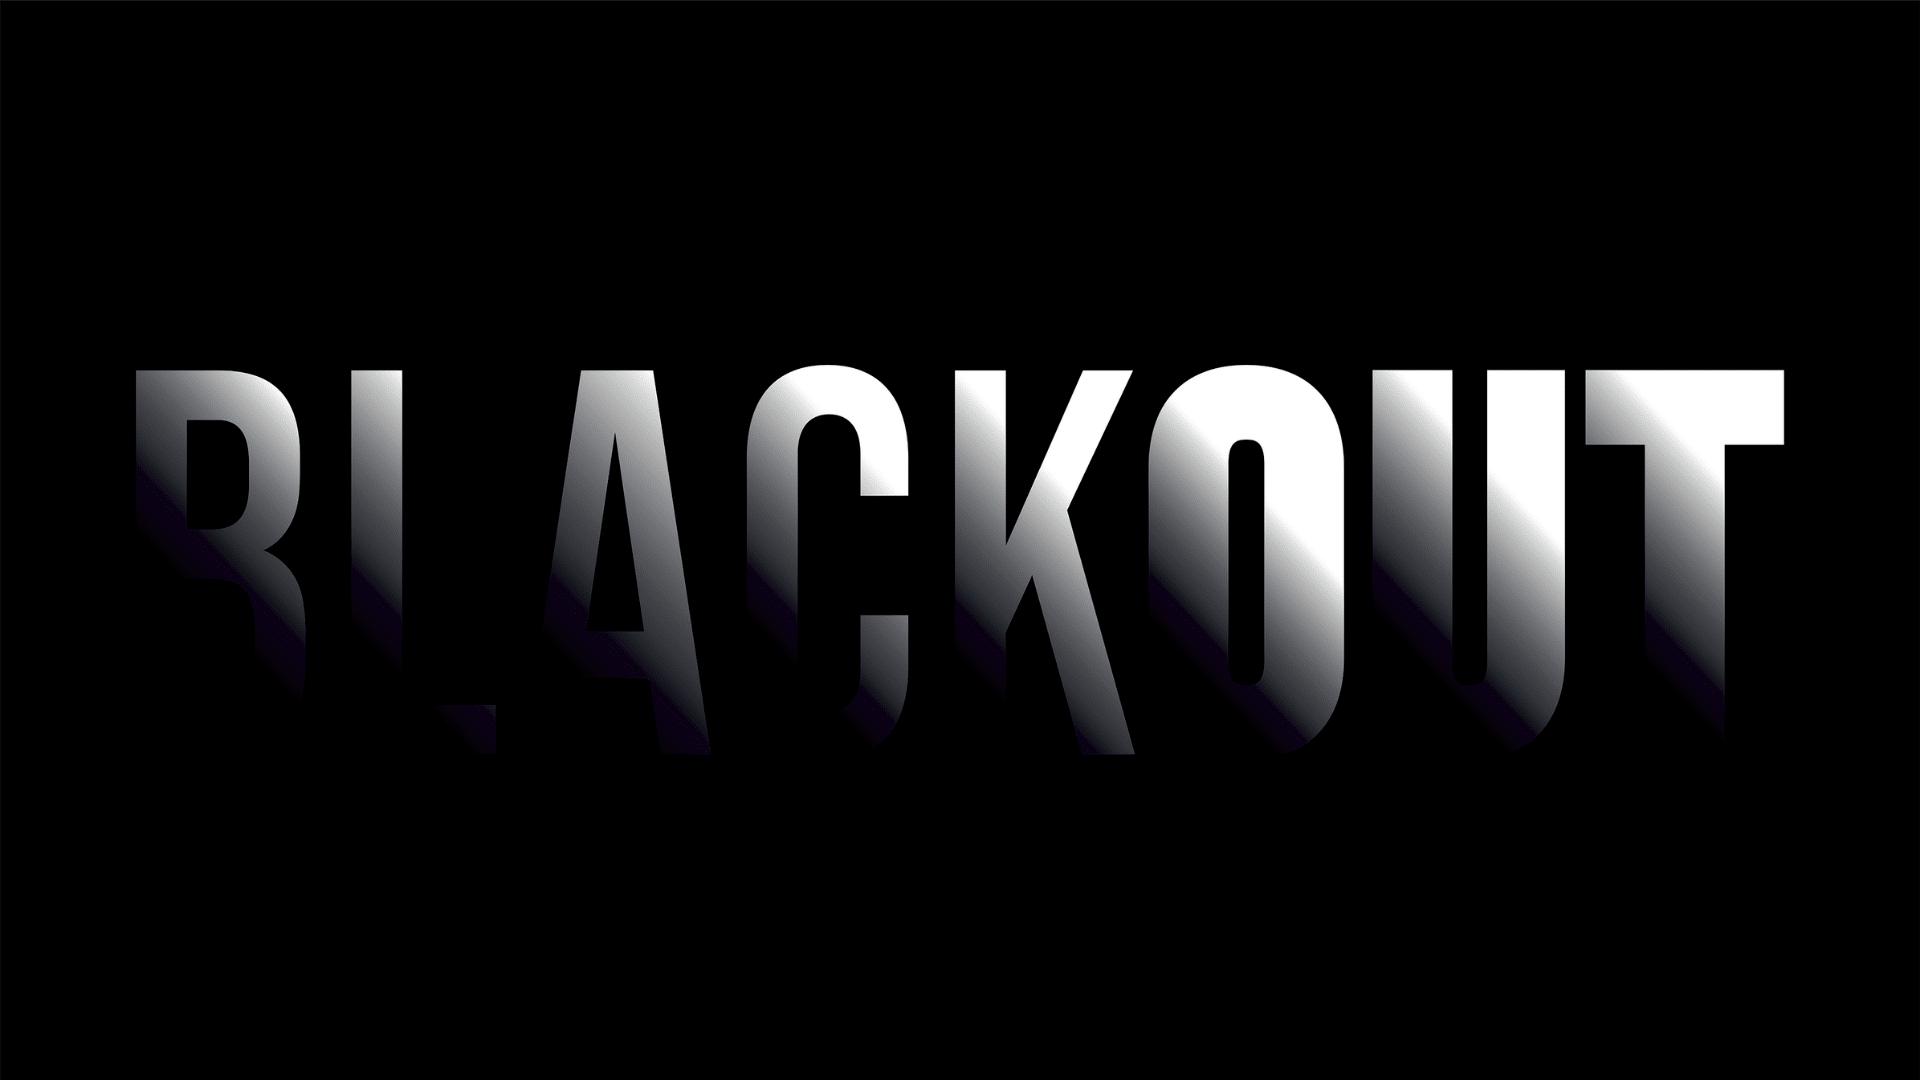 blackout, angie thomas, Tiffany D. Jackson, nic stone, Ashley Woodfolk, nicola yoon, Dhonielle Clayton, ya, young adult, ungdomsbog, ungdomslitteratur, ungdomsbøger